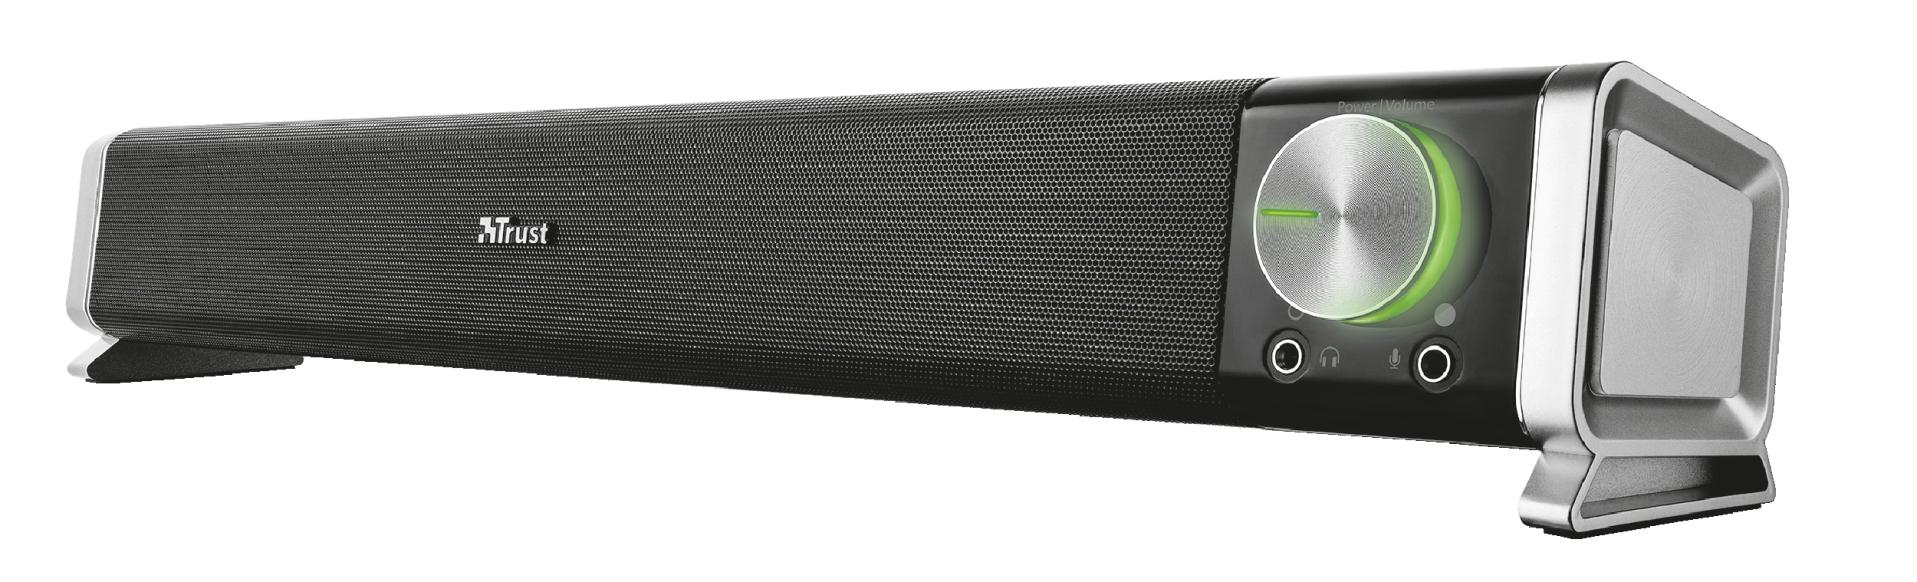 Soundbar Trust Asto para PC e TV